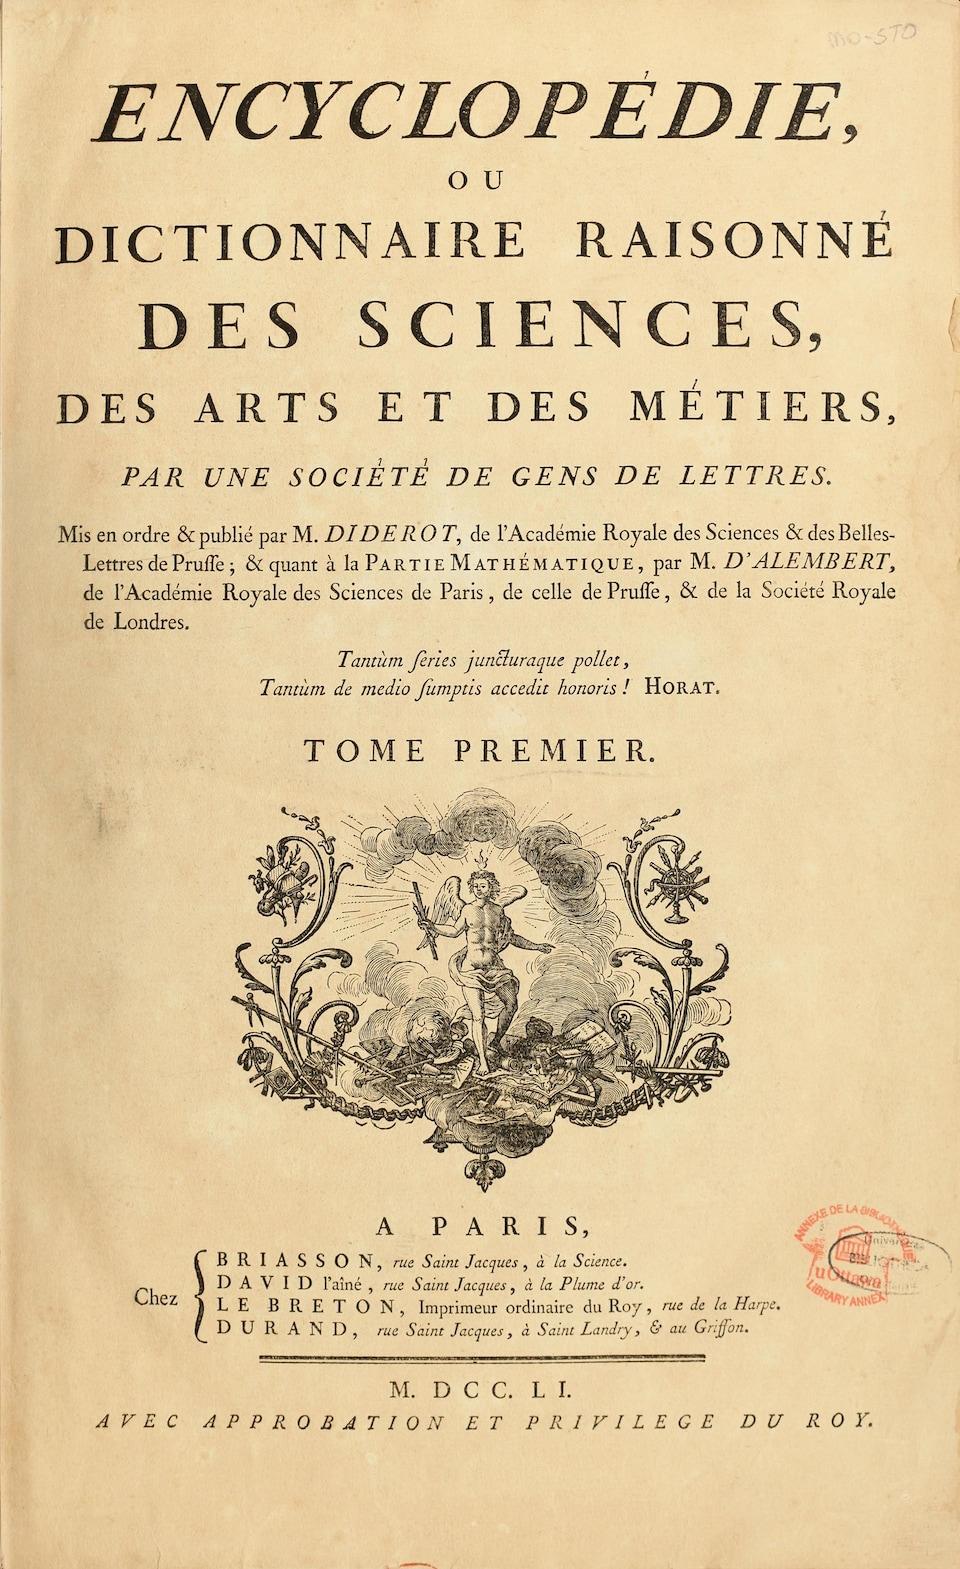 Une page couverture jaunie du livre Encyclopédie ou dictionnaire raisonné des sciences, des arts et des métiers